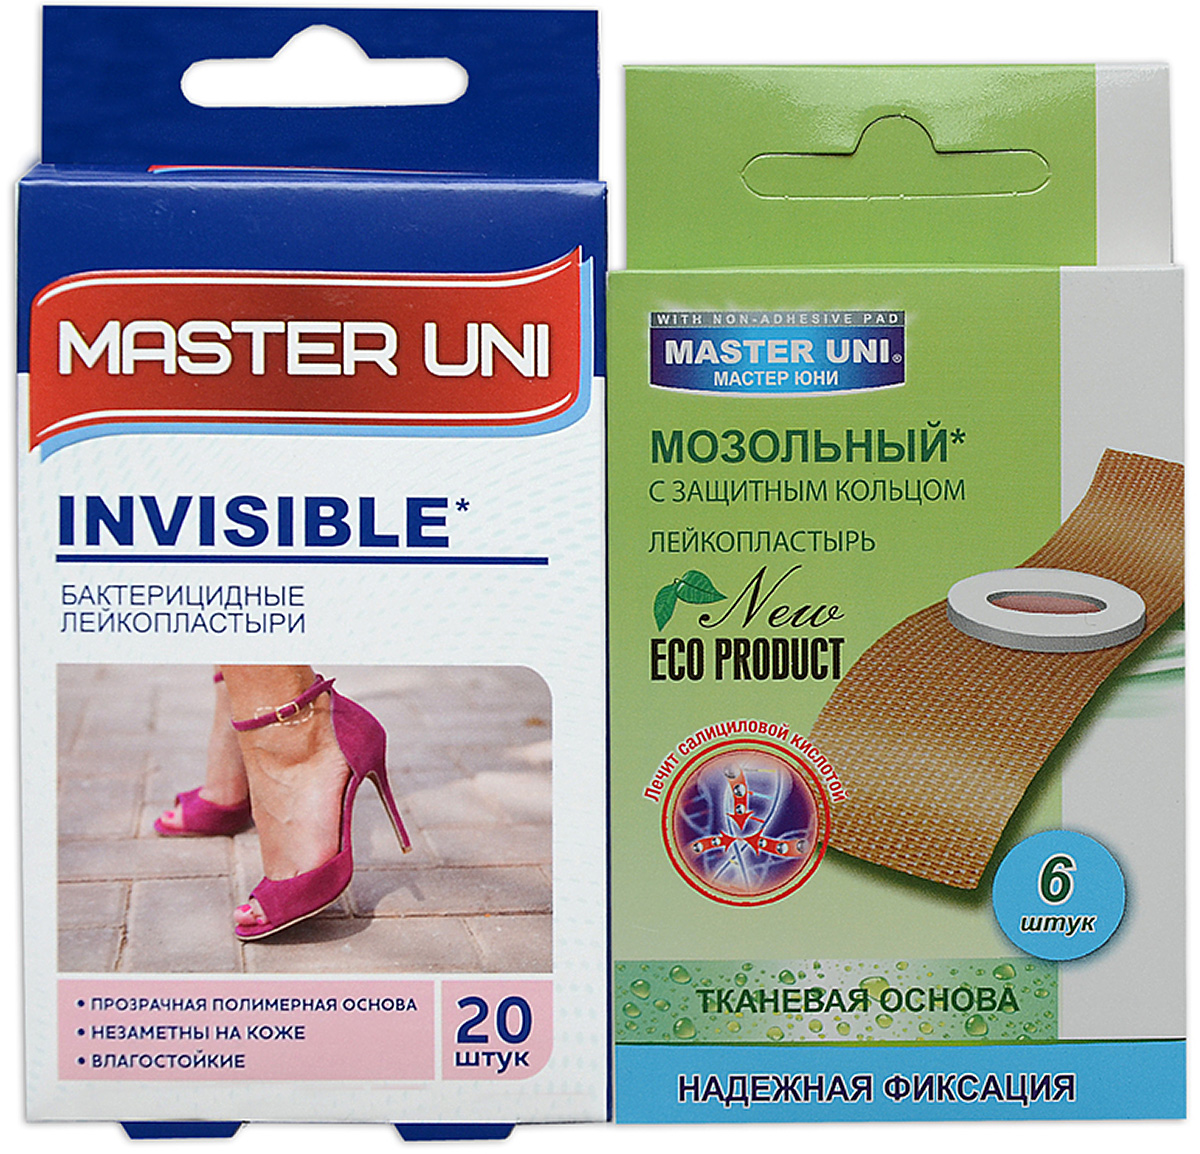 Master Uni Mix Invisible набор лейкопластырей, 20+6шт17021МMIX INVISIBLE - состоит из двух видов лейкопластырей - бактерицидного и от сухих мозолей. Набор бактерицидных лейкопластырей на прозрачной полимерной основе надежно защищающих рану от попадания загрязнений. Эффективен при ссадинах, порезах и мелких повреждениях кожи. Прозрачная влагостойкая основа надежно фиксируется на коже, повторяя изгибы тела, абсорбирующая подушечка моментально всасывает раневые выделения, имеет дополнительную защиту от грязи и микробов со всех сторон, покрыта бактерицидной атравматической сеткой, которая не прилипает к ране. Антисептик: бензалкония хлорид, эффективно дезинфицирует и способствует быстрому заживлению раны без образования рубцов. Мозольный пластырь - эффективное средство для удаления ороговевшей кожи любой части стопы. Пластырь на тканевой основе надежно фиксируется на ноге и принимает нужную форму при ходьбе. Мягкое защитное кольцо пластыря предохраняет здоровую кожу от контакта с лечебным веществом - салициловой кислотой, которая безболезненно удаляет ороговевшую кожу с Ваших ступней и пальцев ног. Противопоказания: индивидуальная непереносимость, повреждения кожи, кожные заболевания. Master Uni MIX INVISIBLE - Мягкая и нежная кожа Ваших ног! В наборе: размеры 72х19 мм - 20шт, пластырь мозольный 65х20 мм - 6шт. Master Uni MIX INVISIBLE - отличное решение для всей семьи!